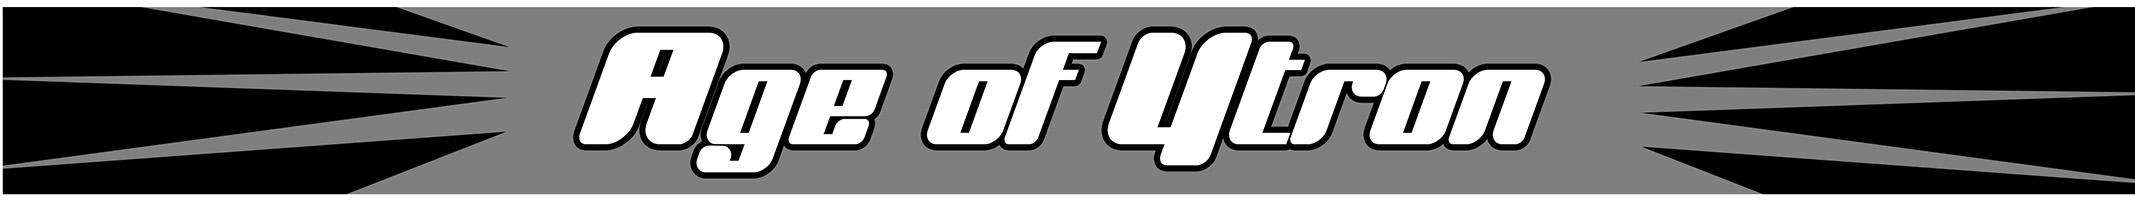 KOPS #REBUT: Age of Ytron